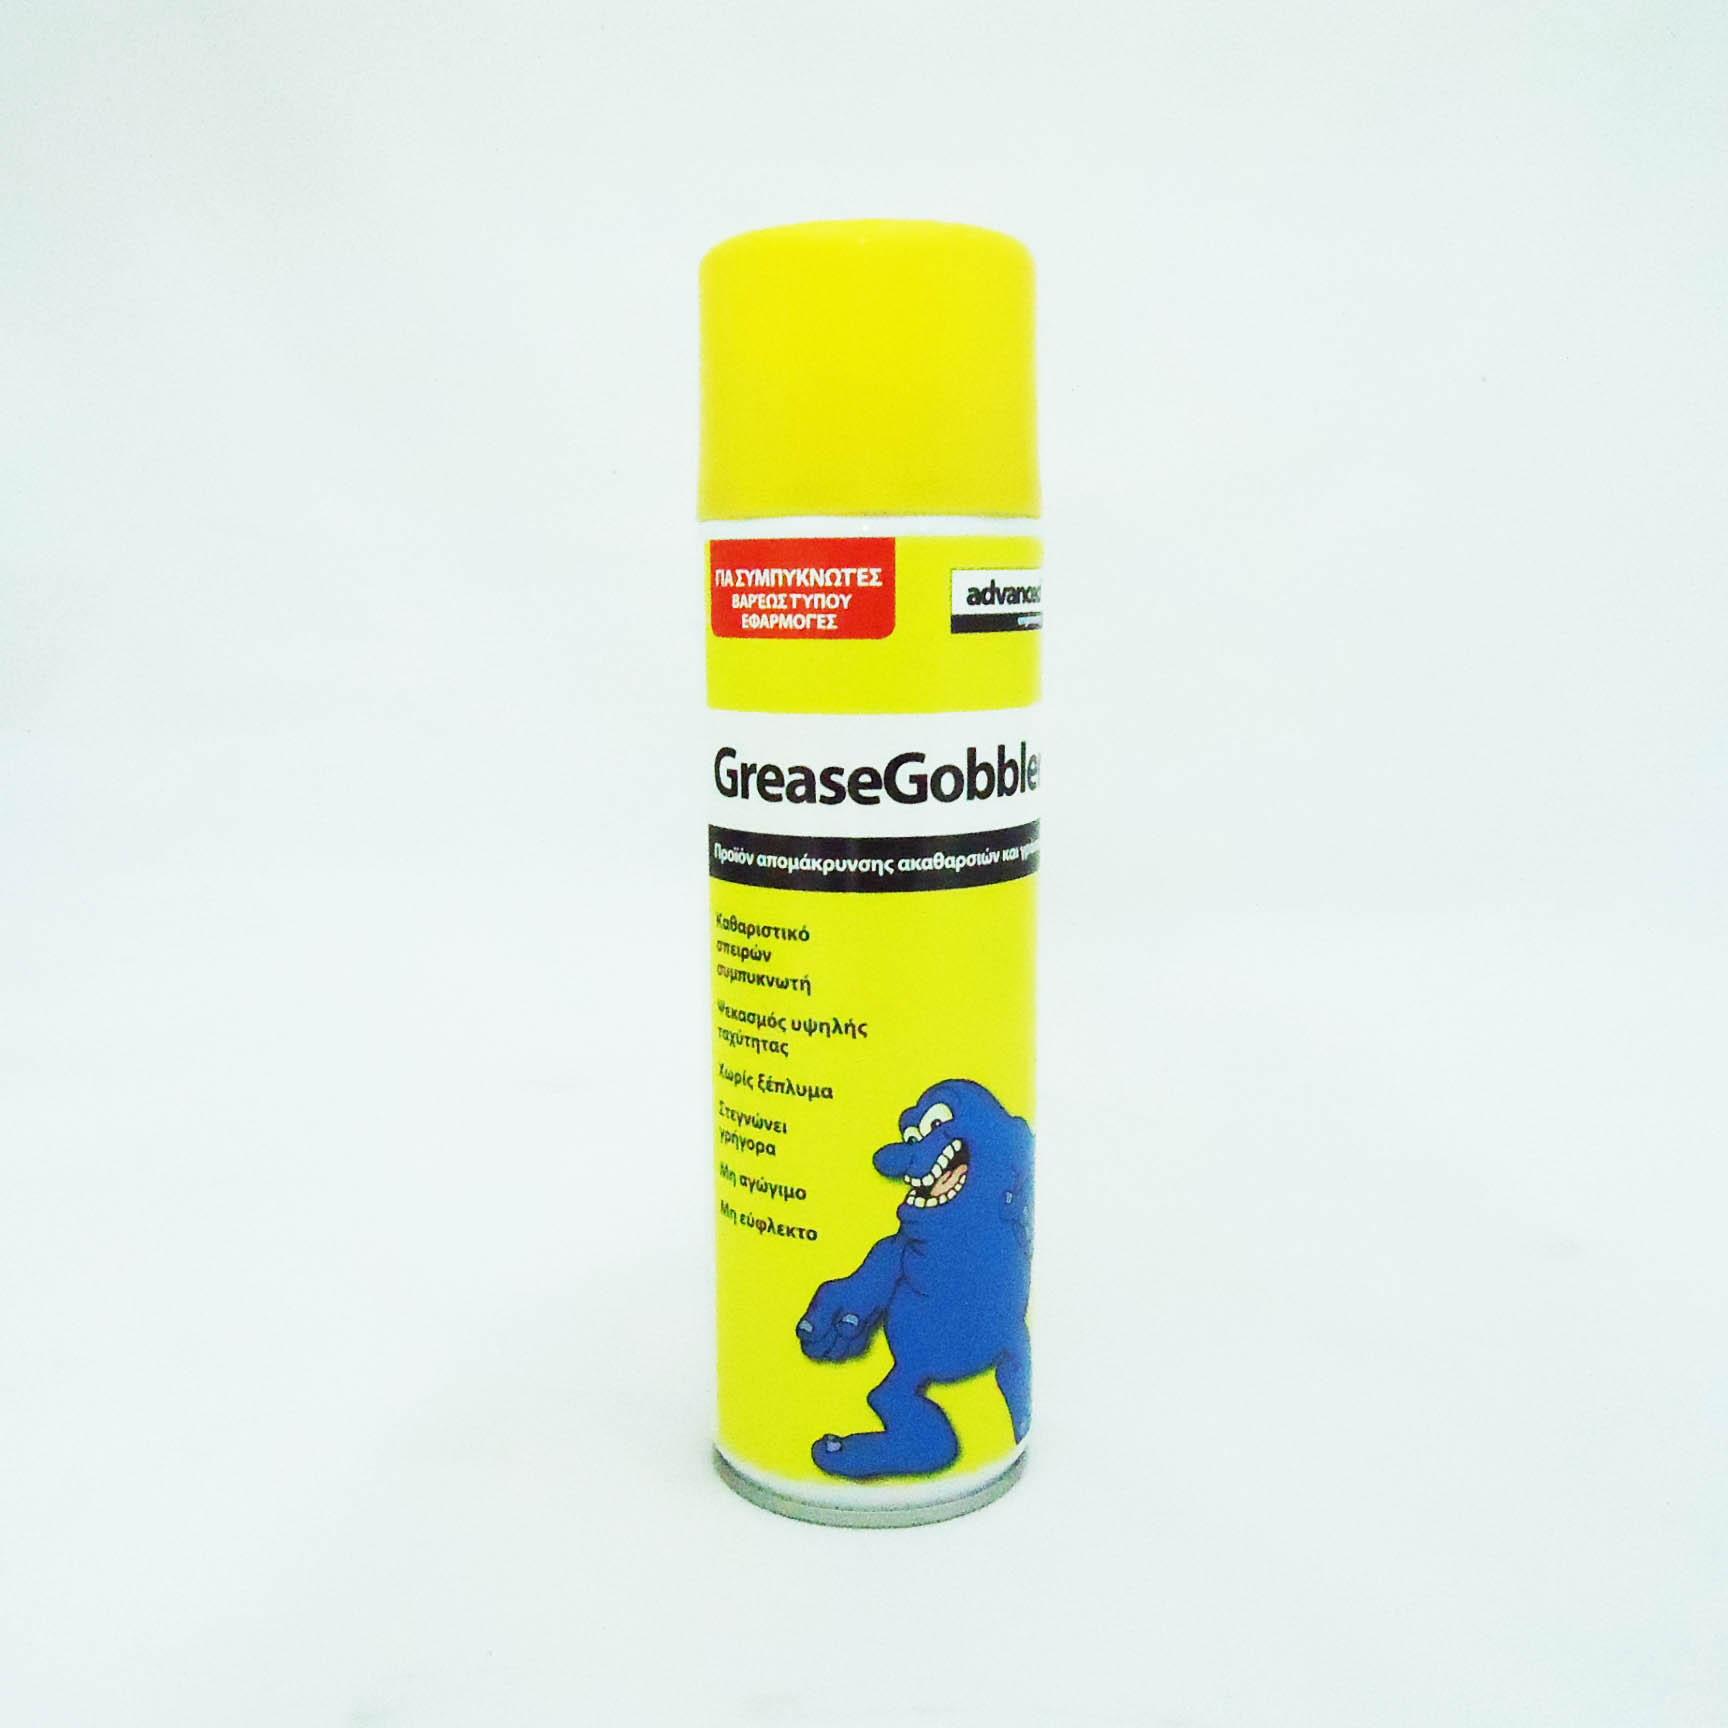 Advanced Engineering GreaseGobbler Spray Καθαρισμού Επιφανειών Από Λάδι & Γράσο κλιματισμός    καθαριστικά κλιματιστικών a c  προσφορές   κλιματισμός   υλικά εγ